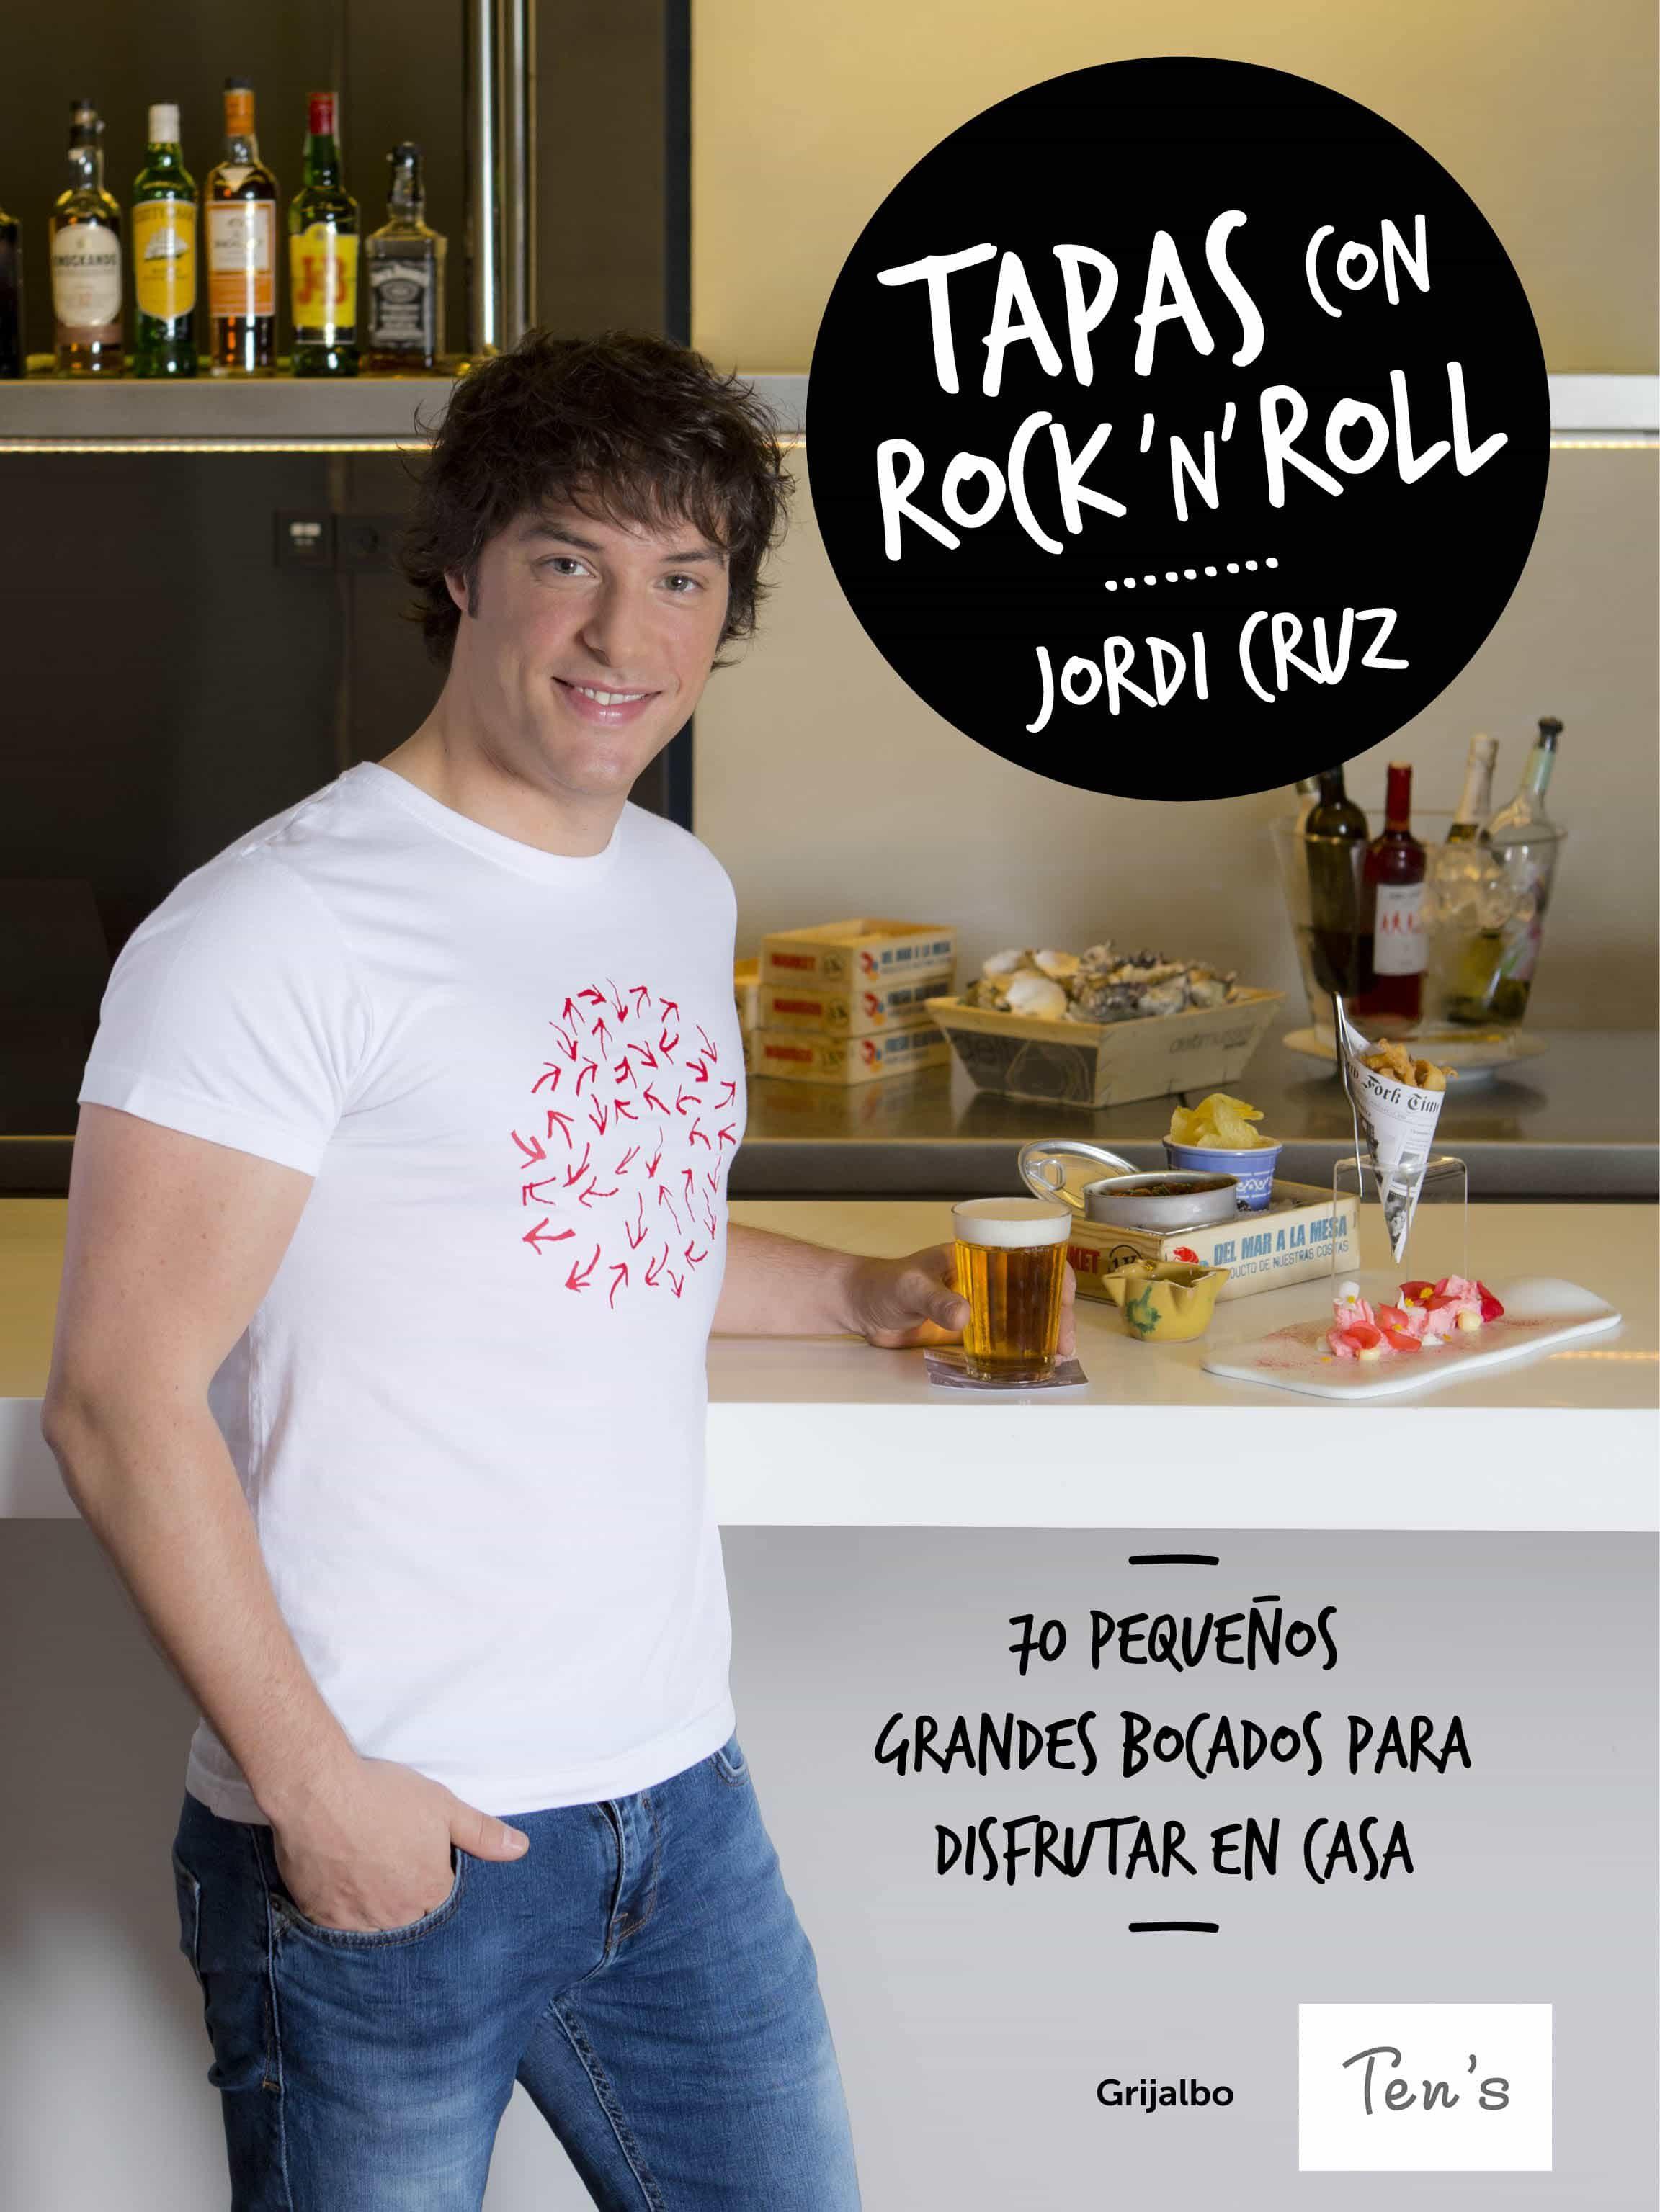 tapas con rock  n  roll: 70 pequeños grandes bocados para difrutar en casa-jordi cruz-9788416449897